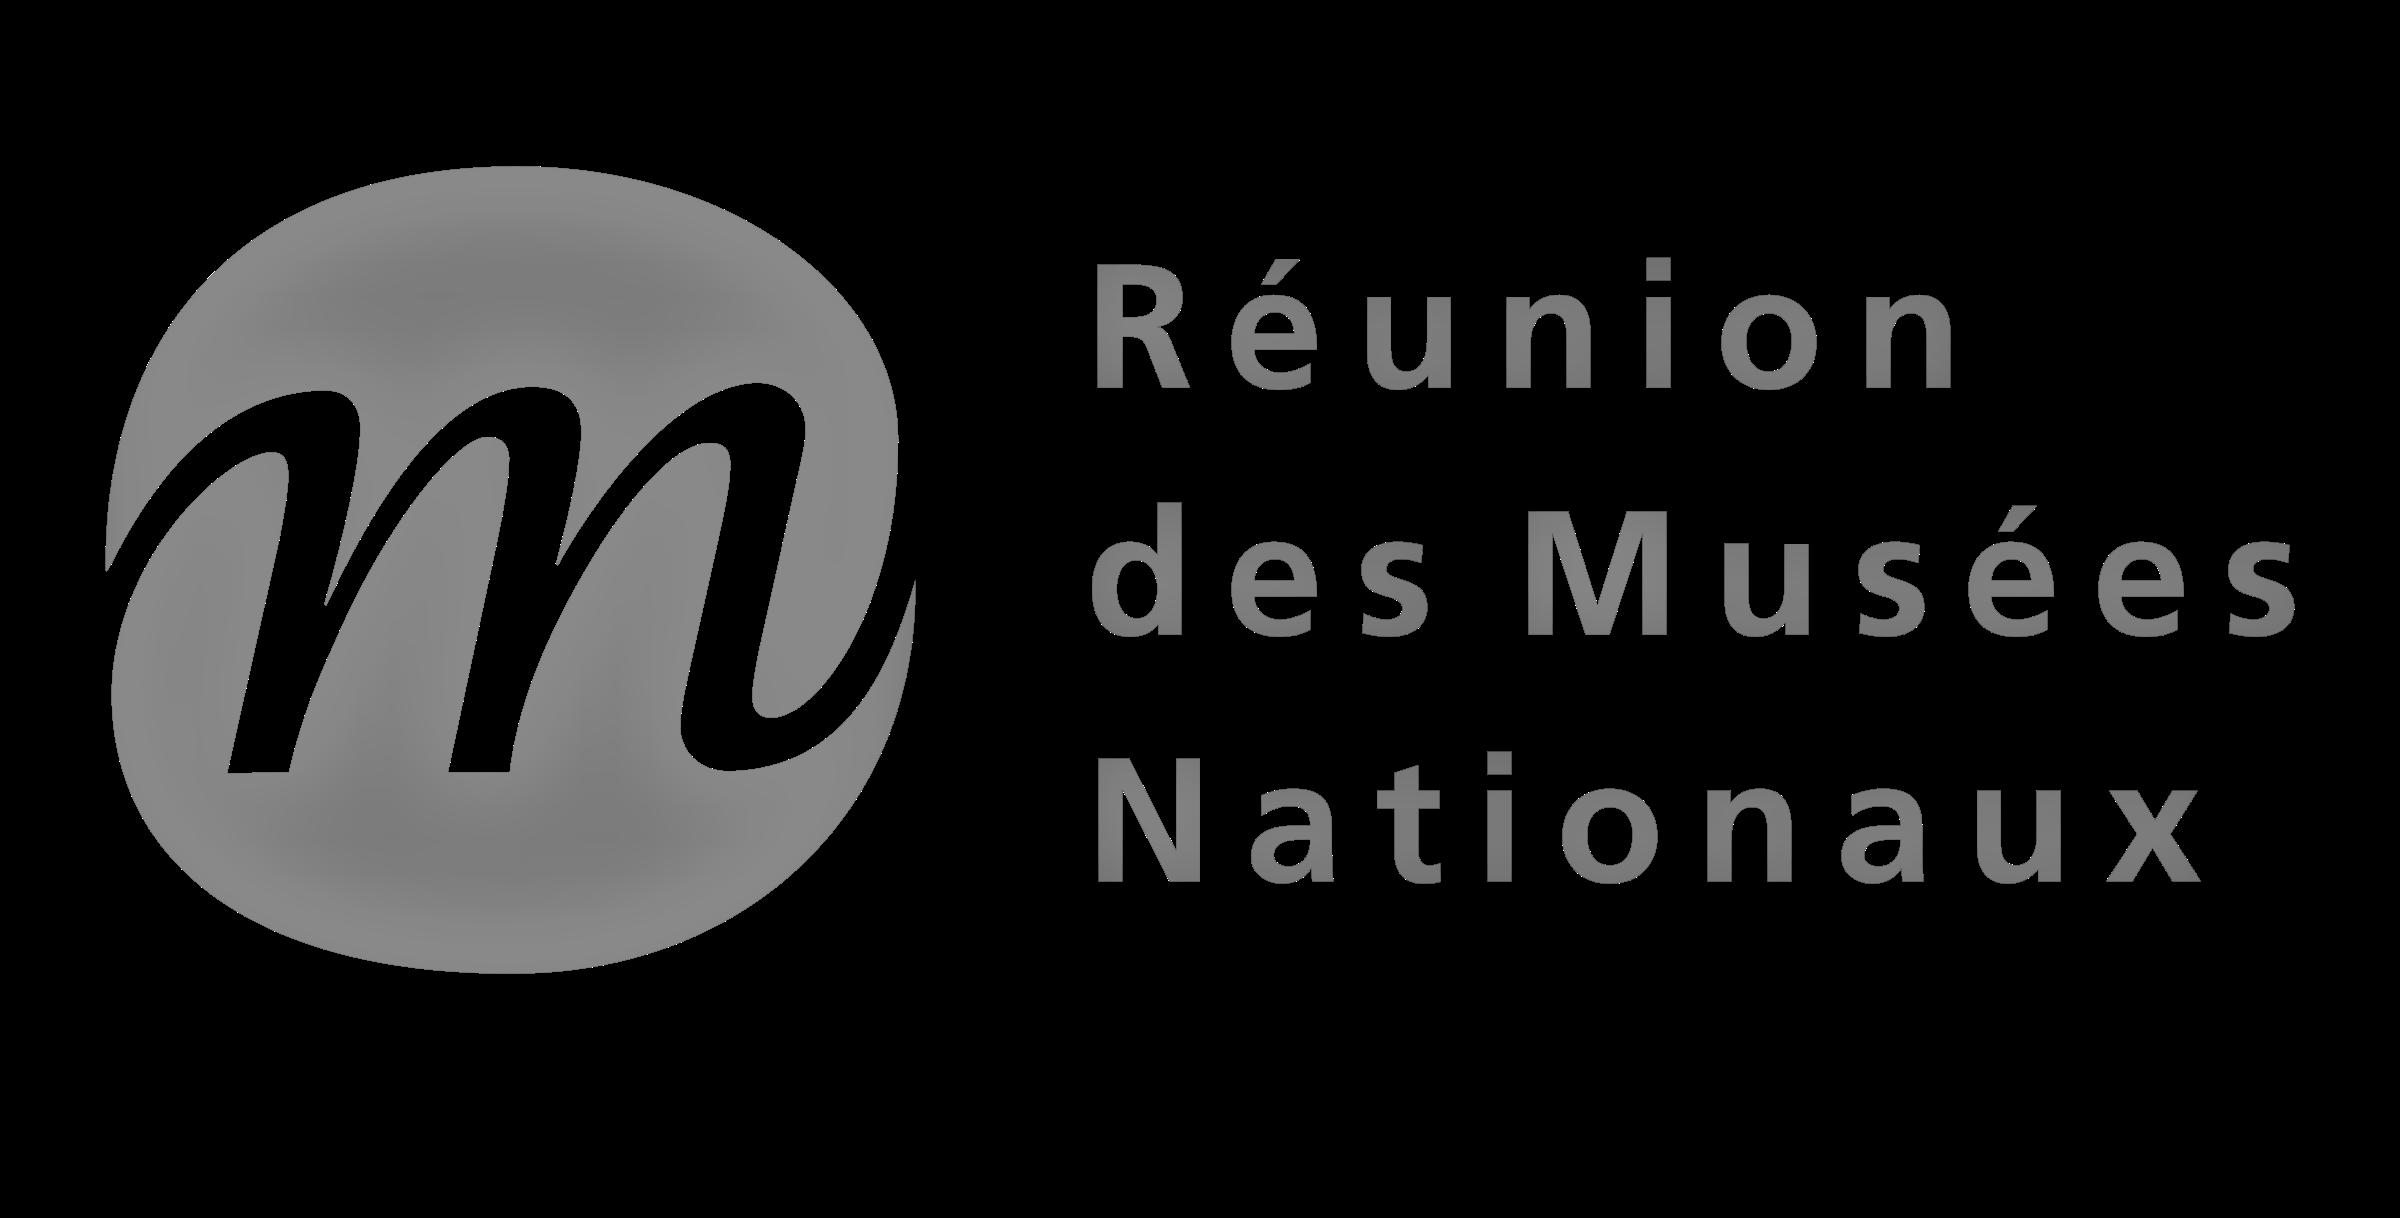 reunion-des-musees-nationaux-logo-png-transparent (2)